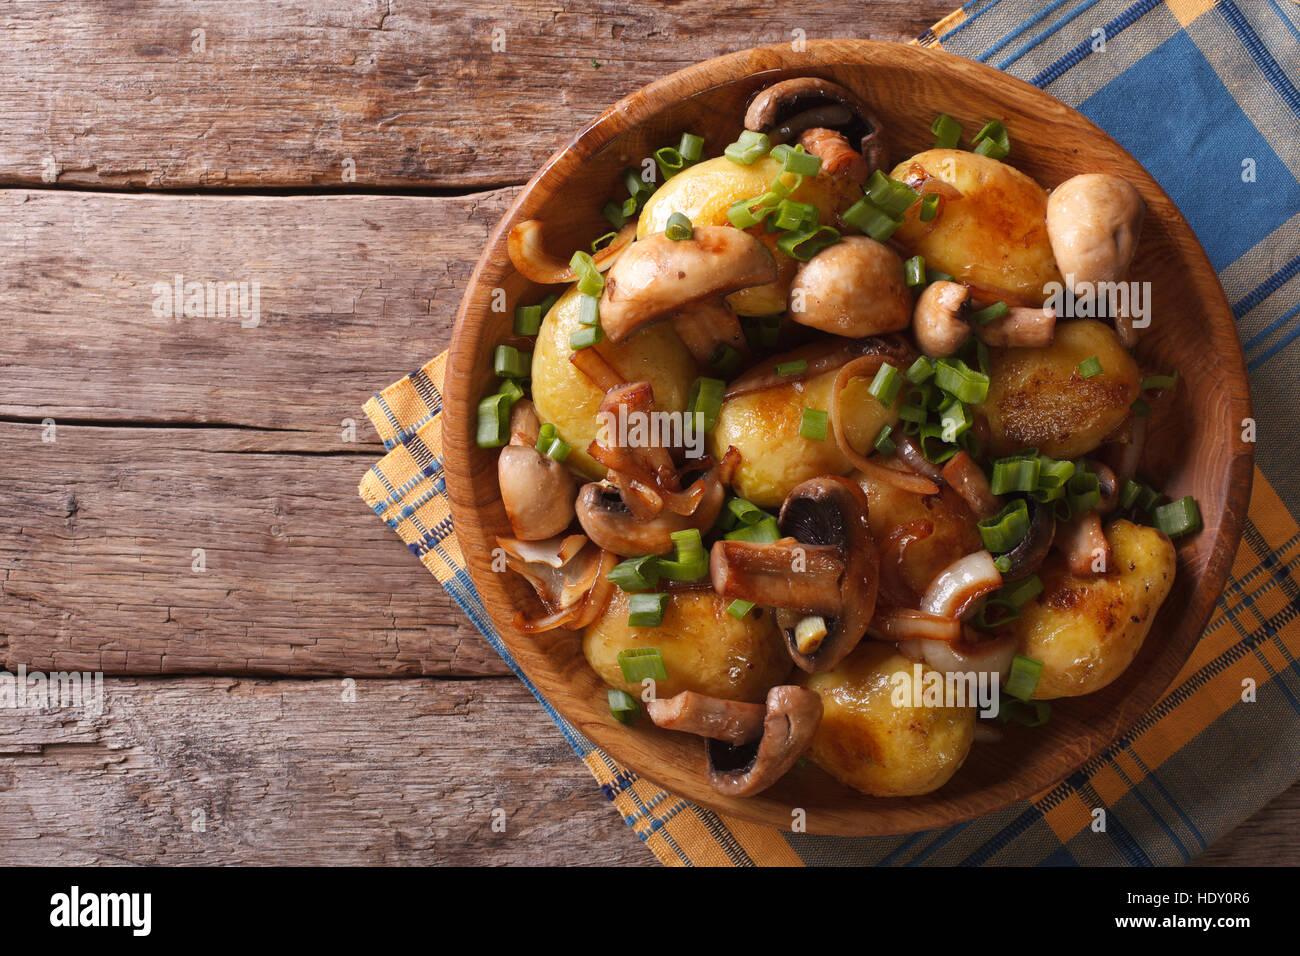 Cibo fatto in casa: Patate con funghi closeup. vista orizzontale dal di sopra Immagini Stock